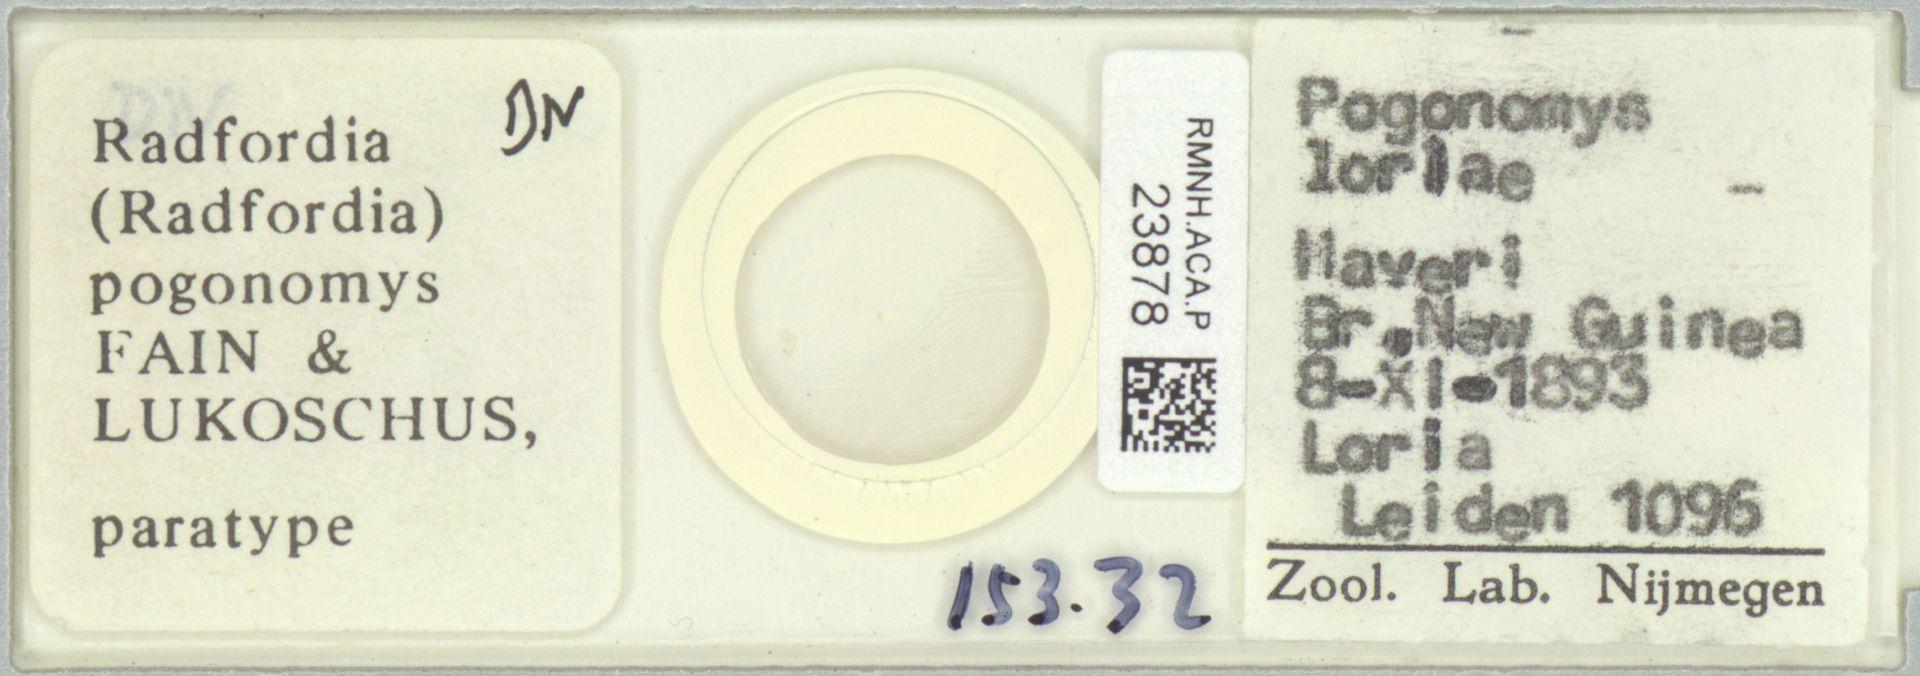 RMNH.ACA.P.23878   Radfordia (Radfordia) pogonomys Fain & Lukoschus